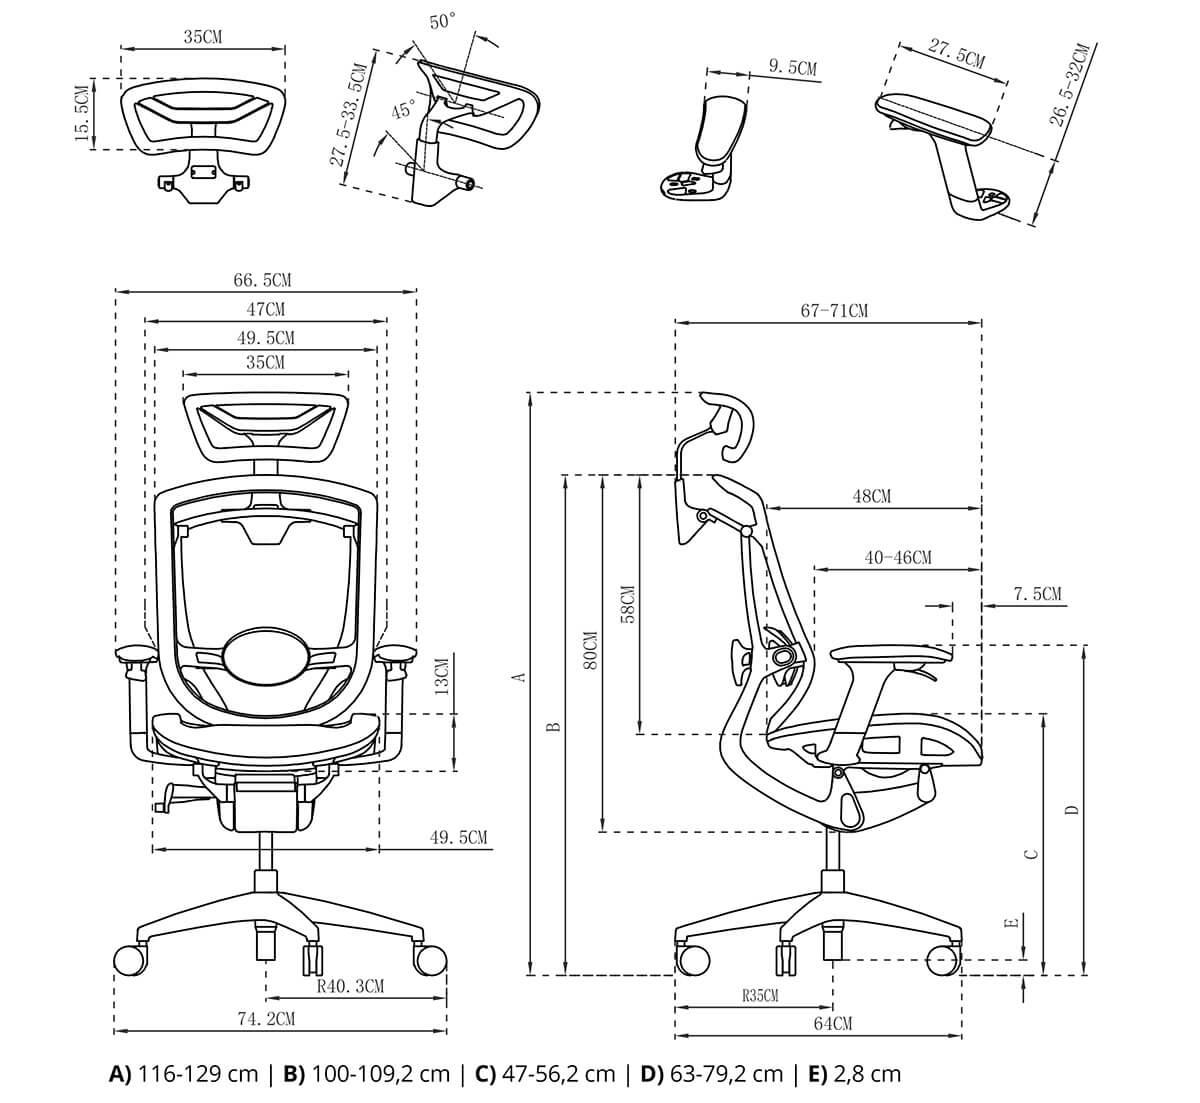 Rysunek techniczny opis krzesła ergoline spacetronik